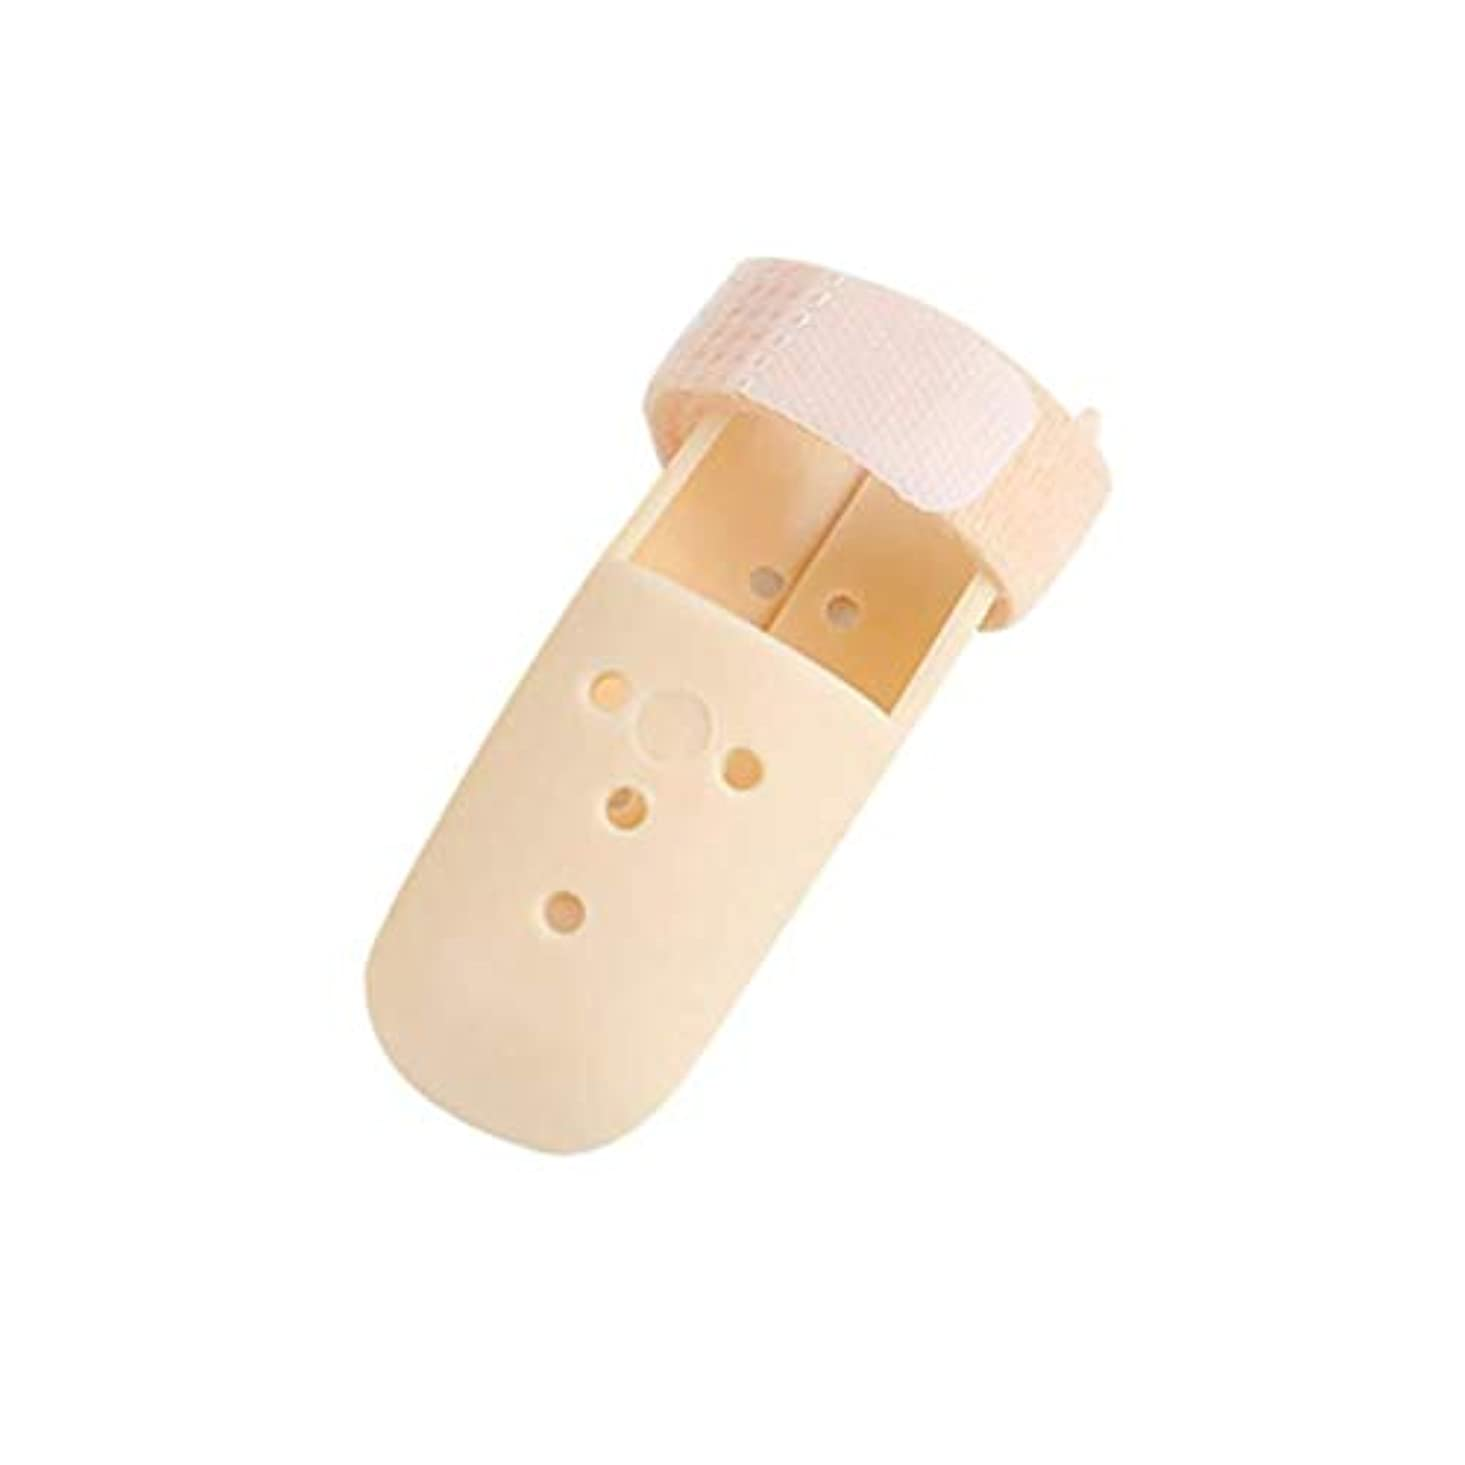 マニアック白鳥万一に備えて指のけがのためのトリガーのための指の添え木、壊れた関節炎の指ブレース矯正指サポートプロテクター